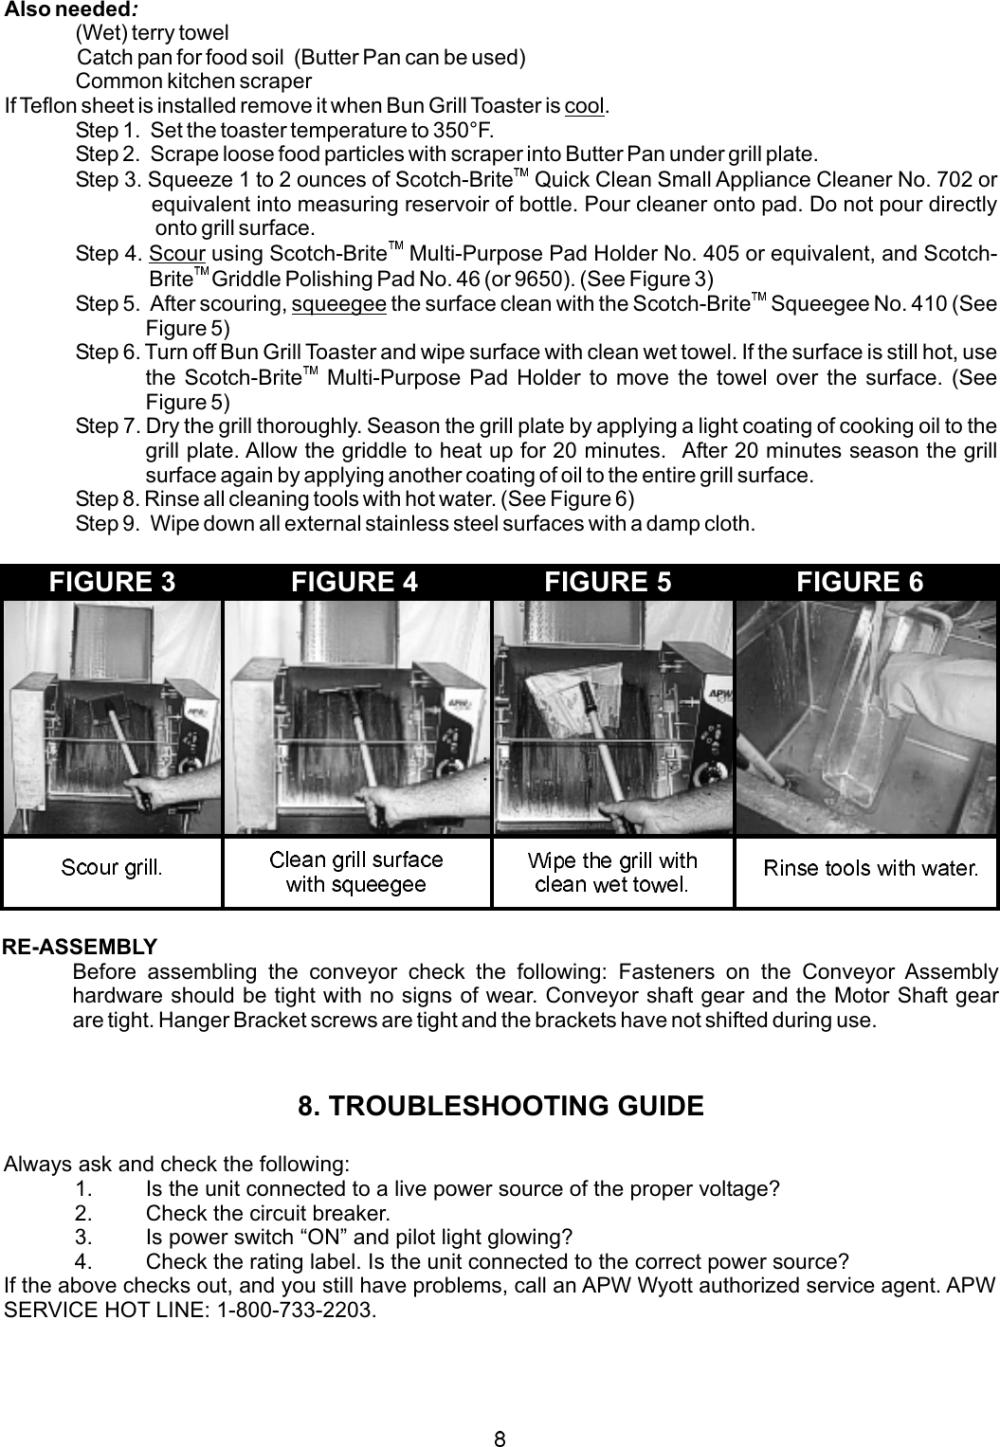 medium resolution of apw wyott m95 2 jib users manual a wyott m95 wiring diagram